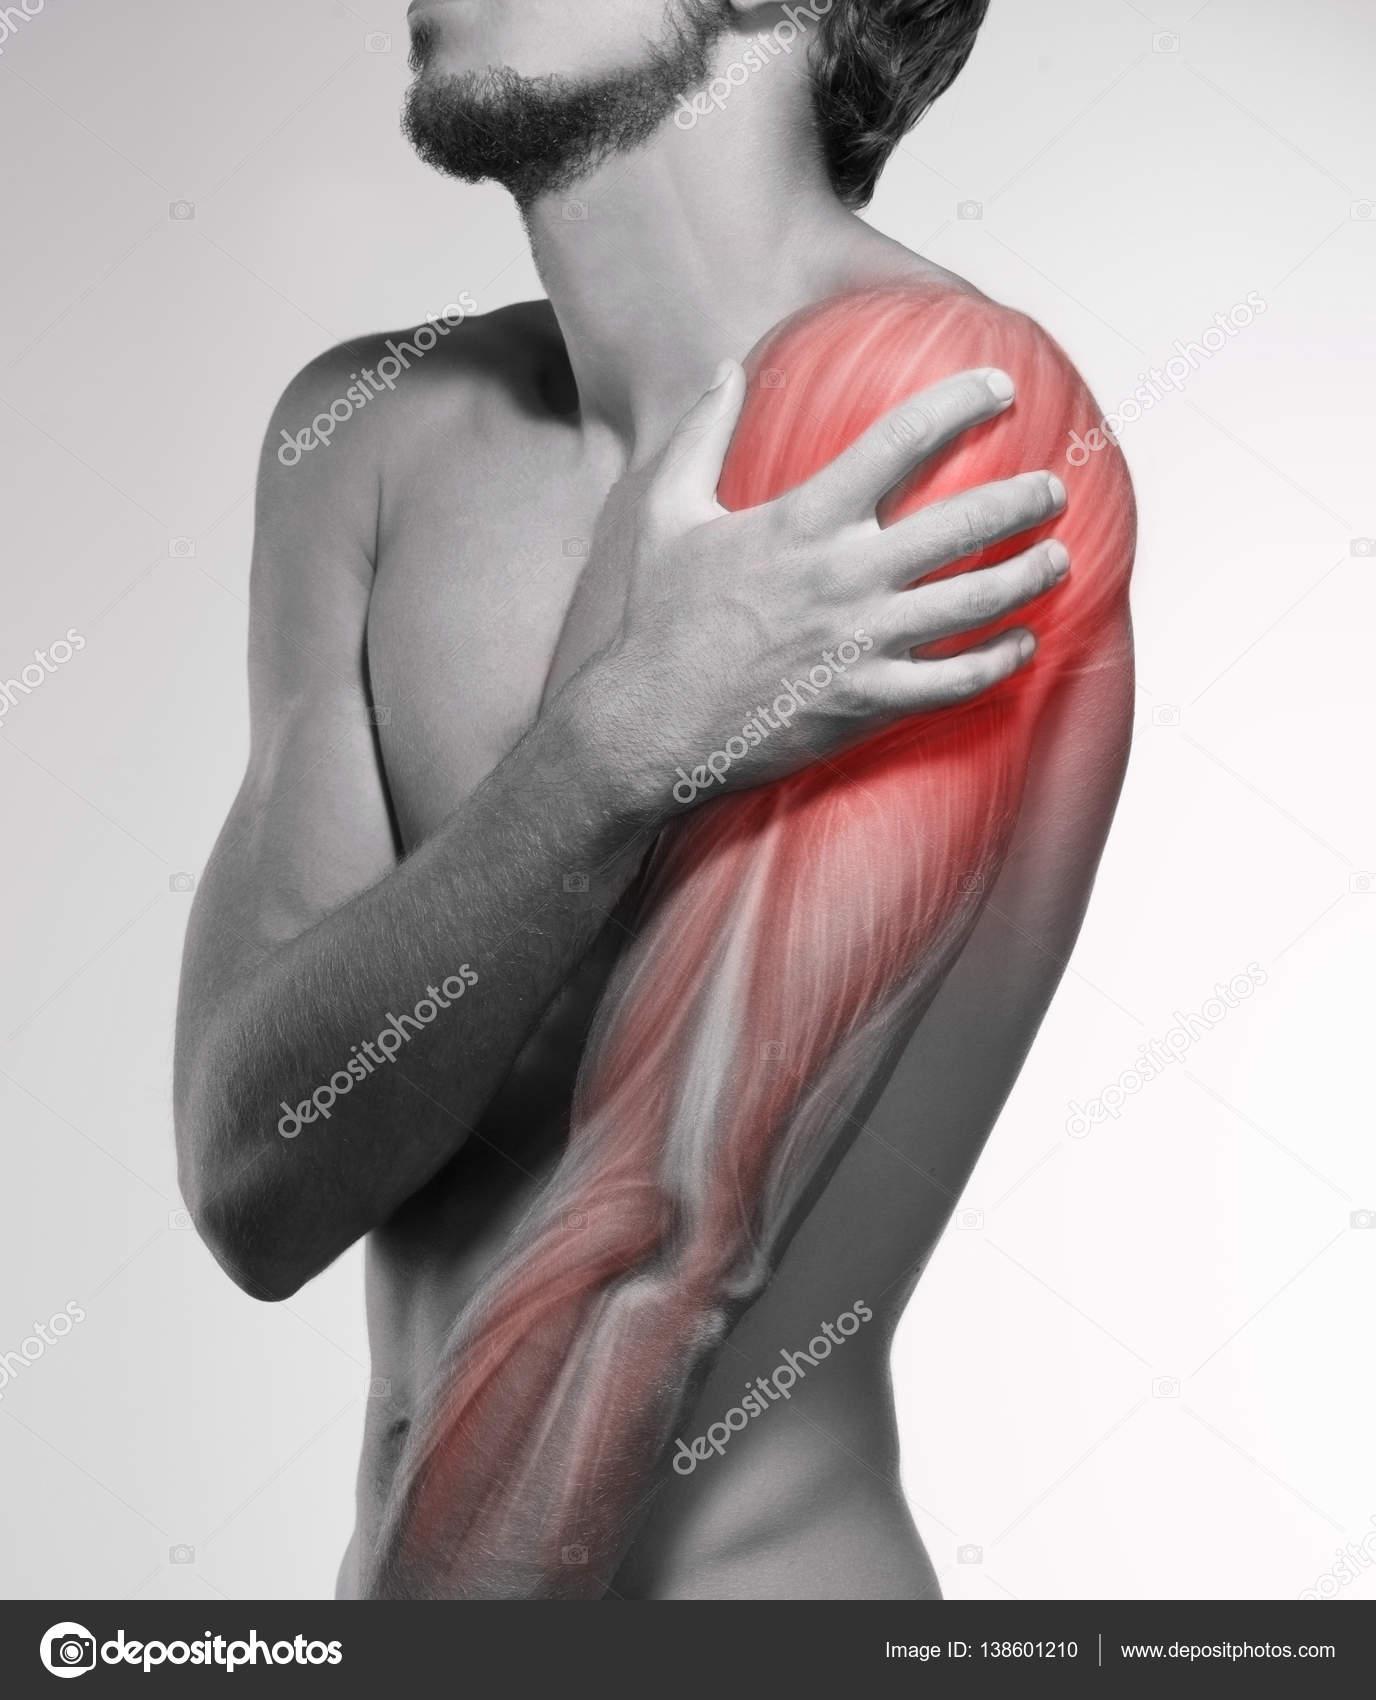 Menschlichen Arm-Schmerzen. Anatomie des menschlichen Armes ...